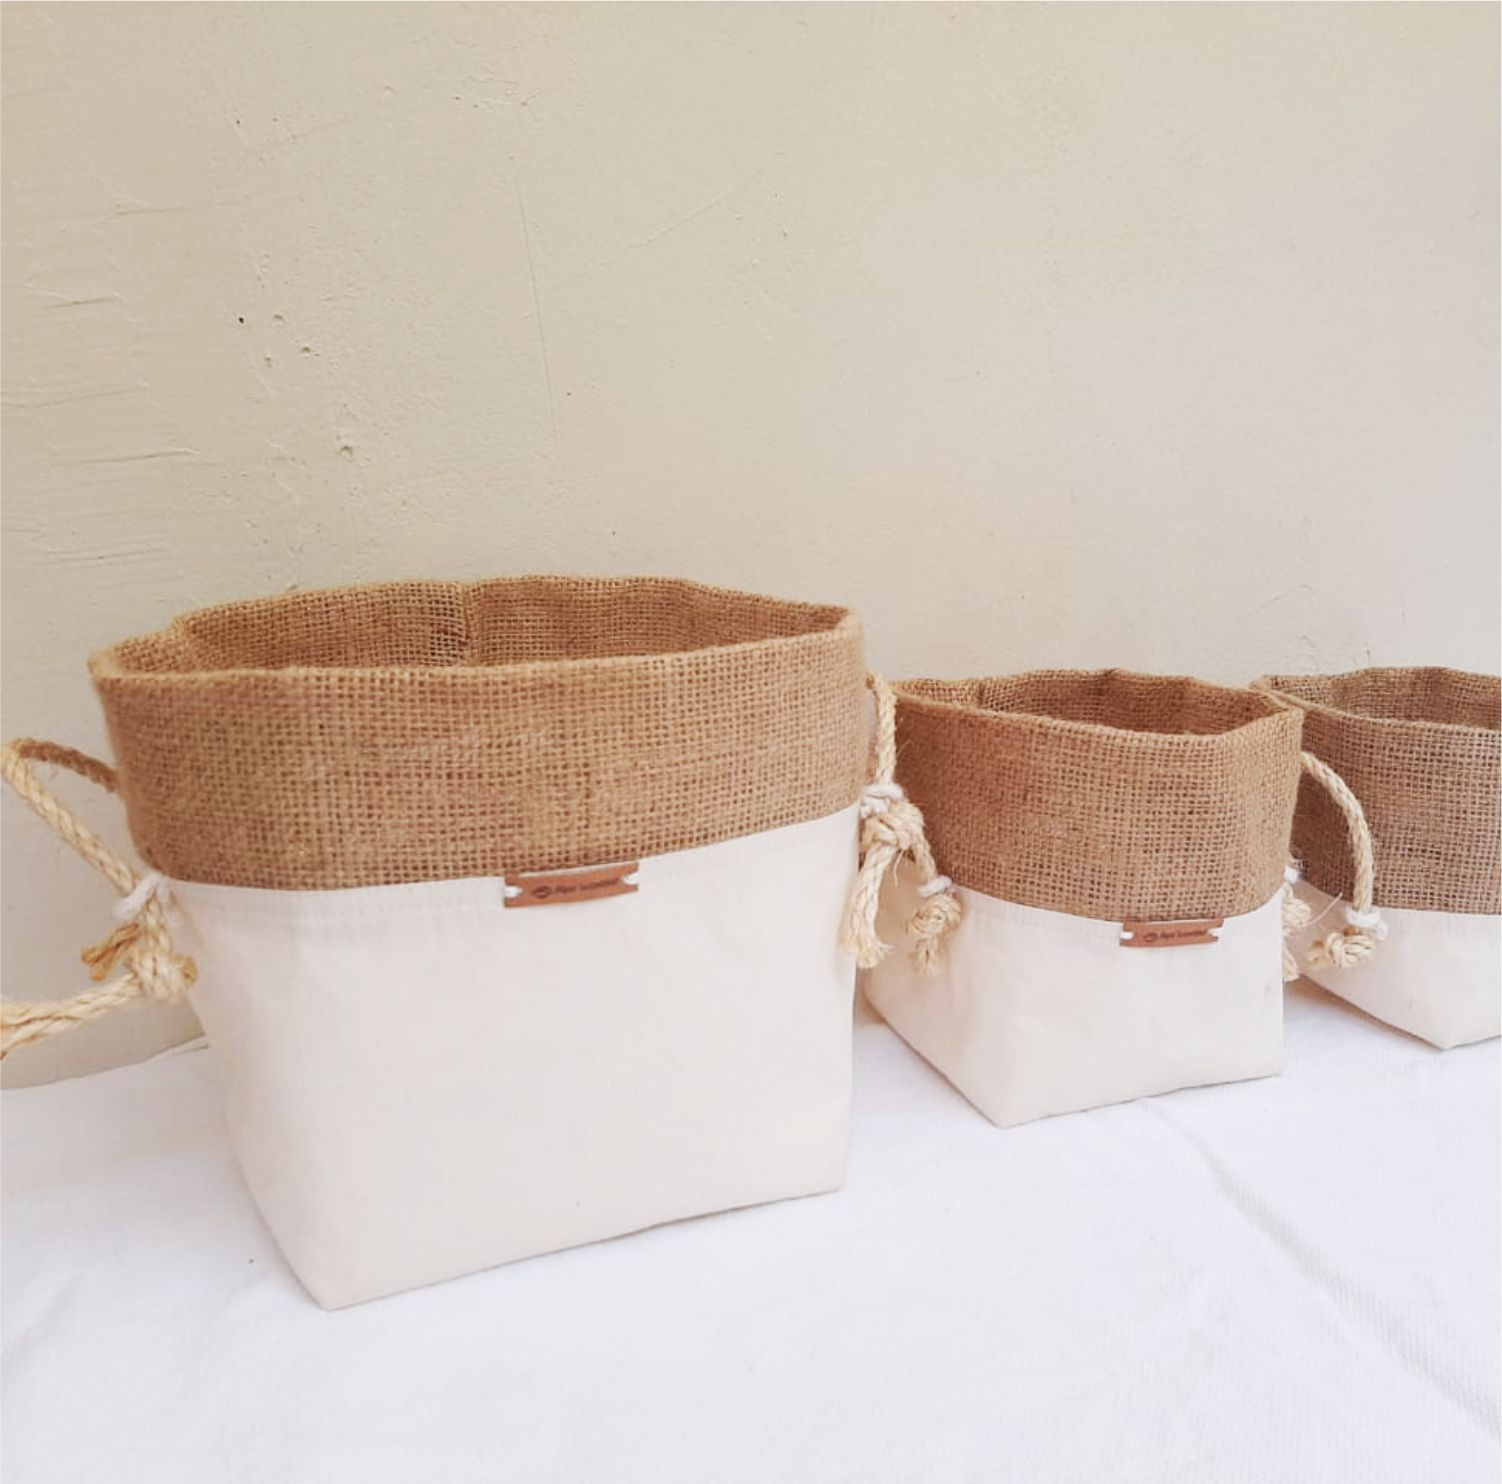 Cachepôs de algodão cru com detalhe de juta e alça de sisal- trio